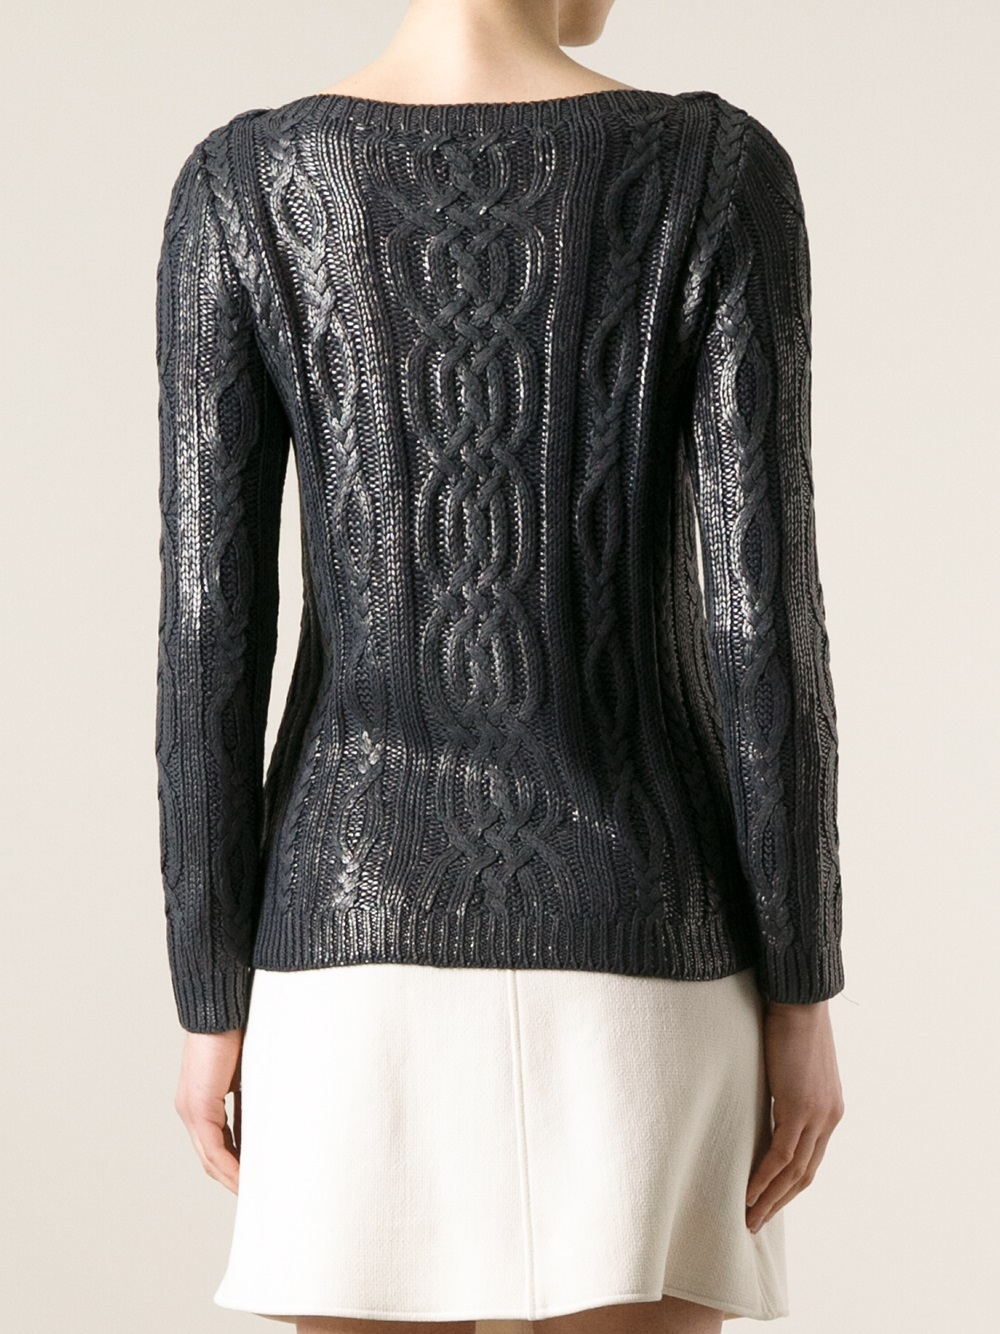 Ralph lauren black label Metallic Cable Knit Sweater in Metallic ...